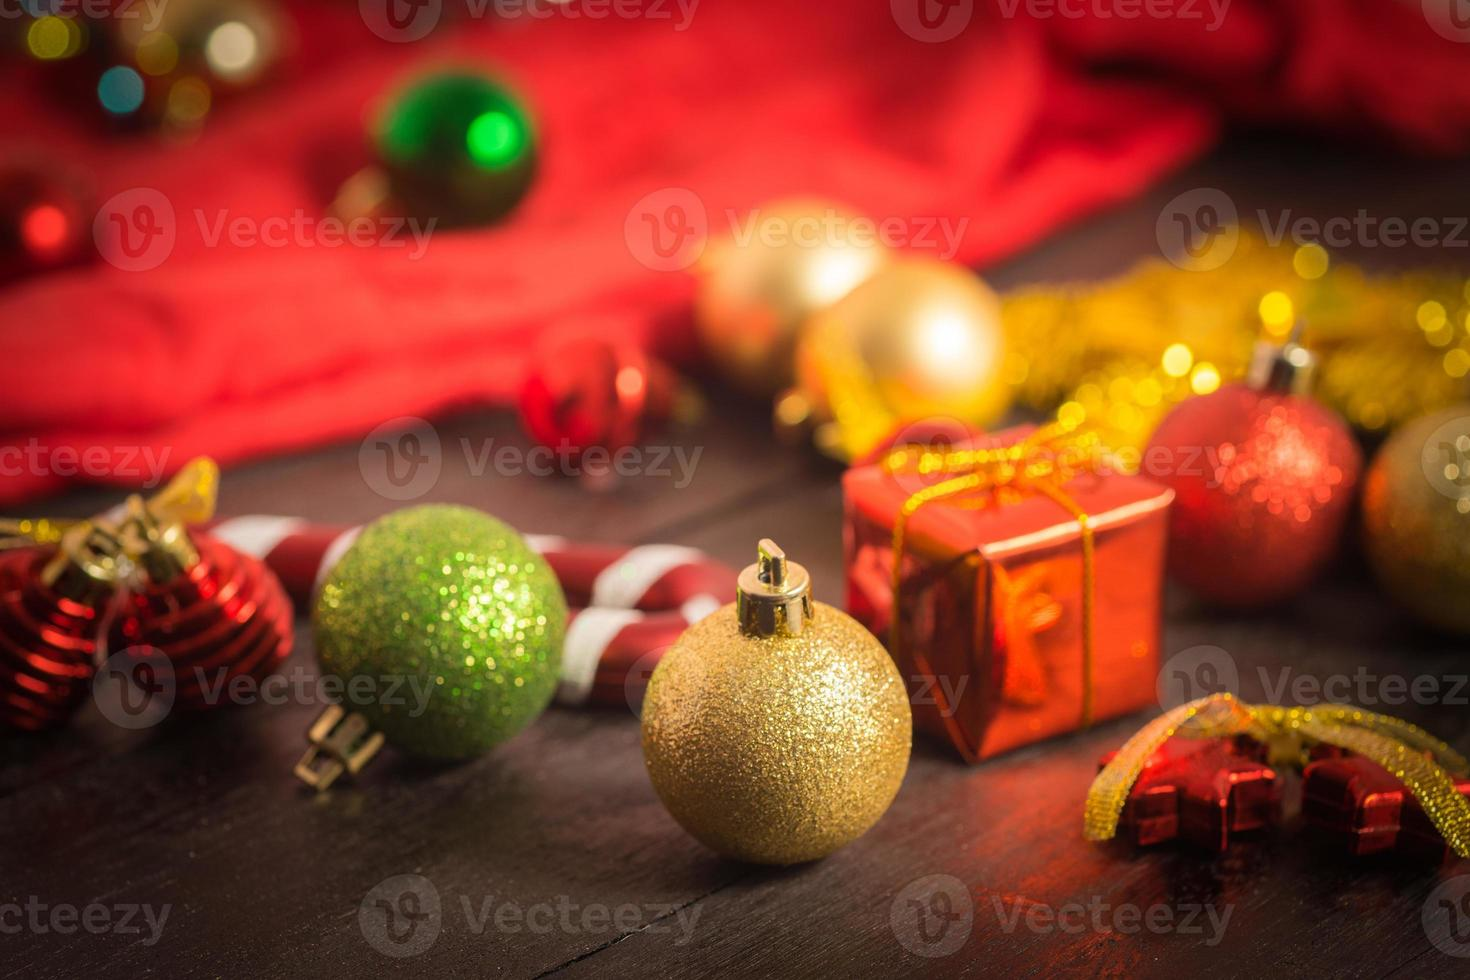 Fondo de Navidad adorno rojo, caja de regalo dorado, bayas foto